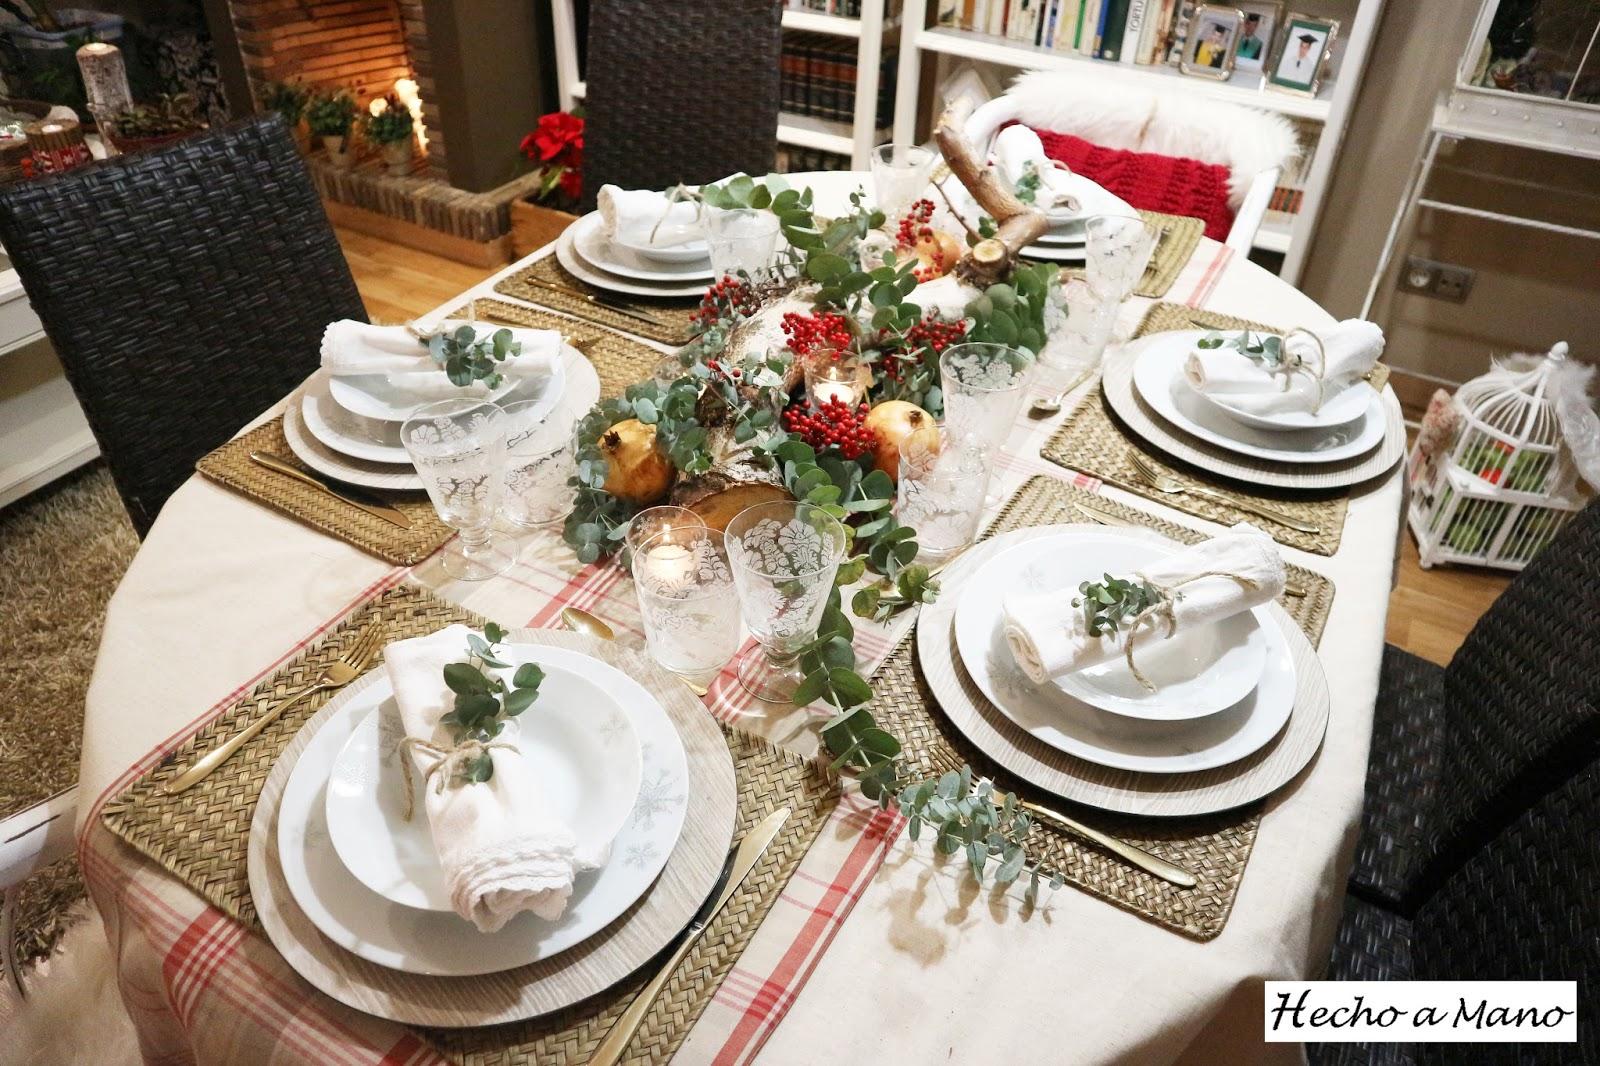 Hecho a mano propuesta de mesa navide a for Cuales son los adornos navidenos